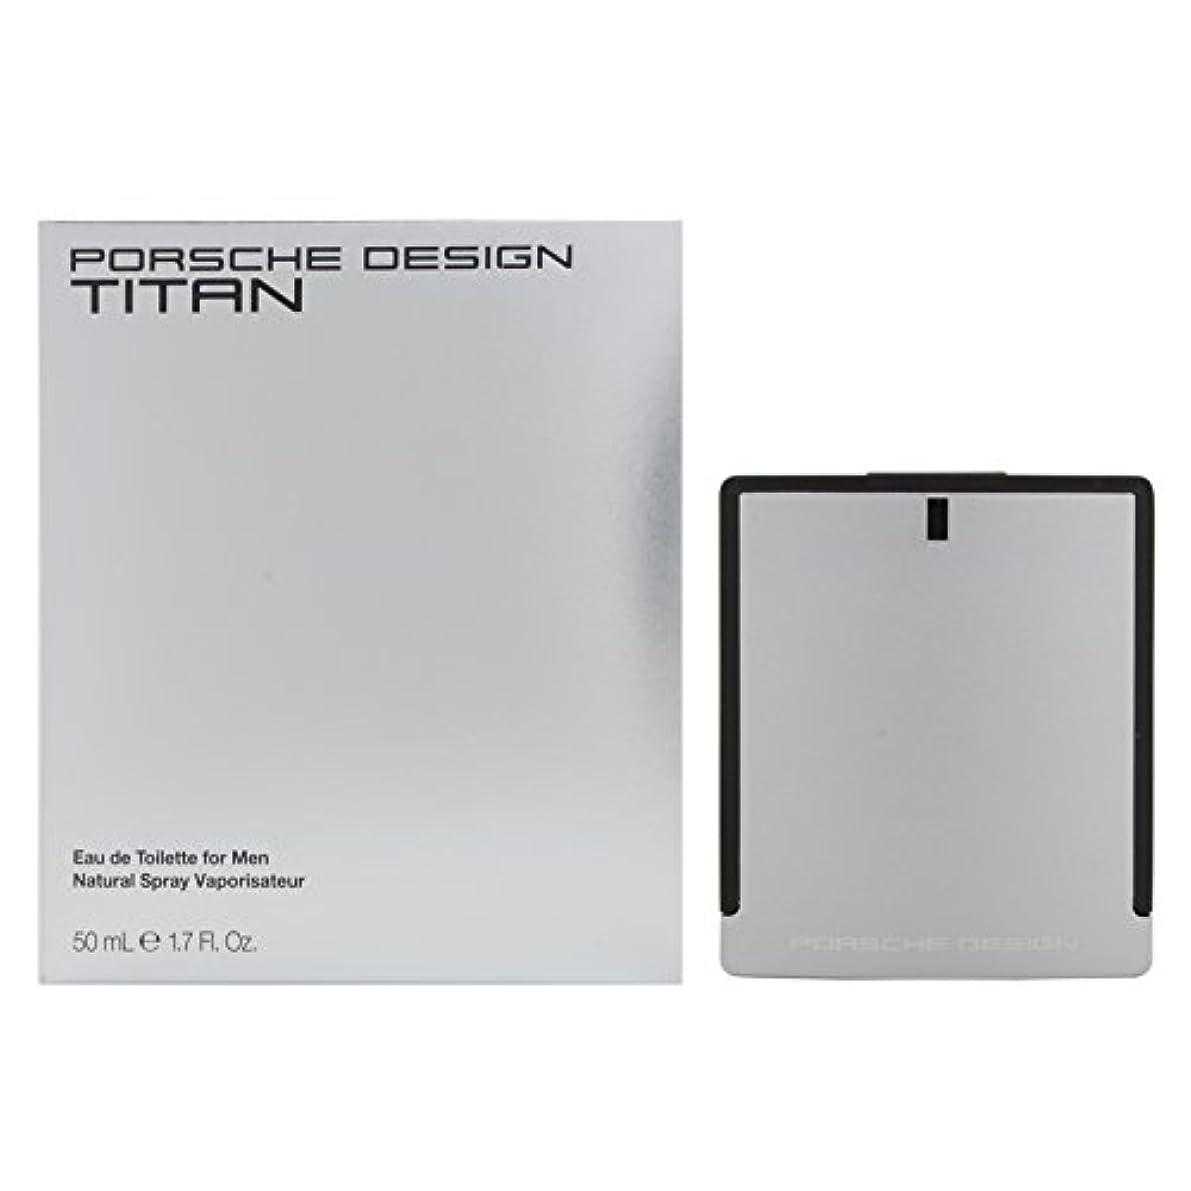 苗驚いたことにアノイポルシェデザイン チタン EDT 50mL